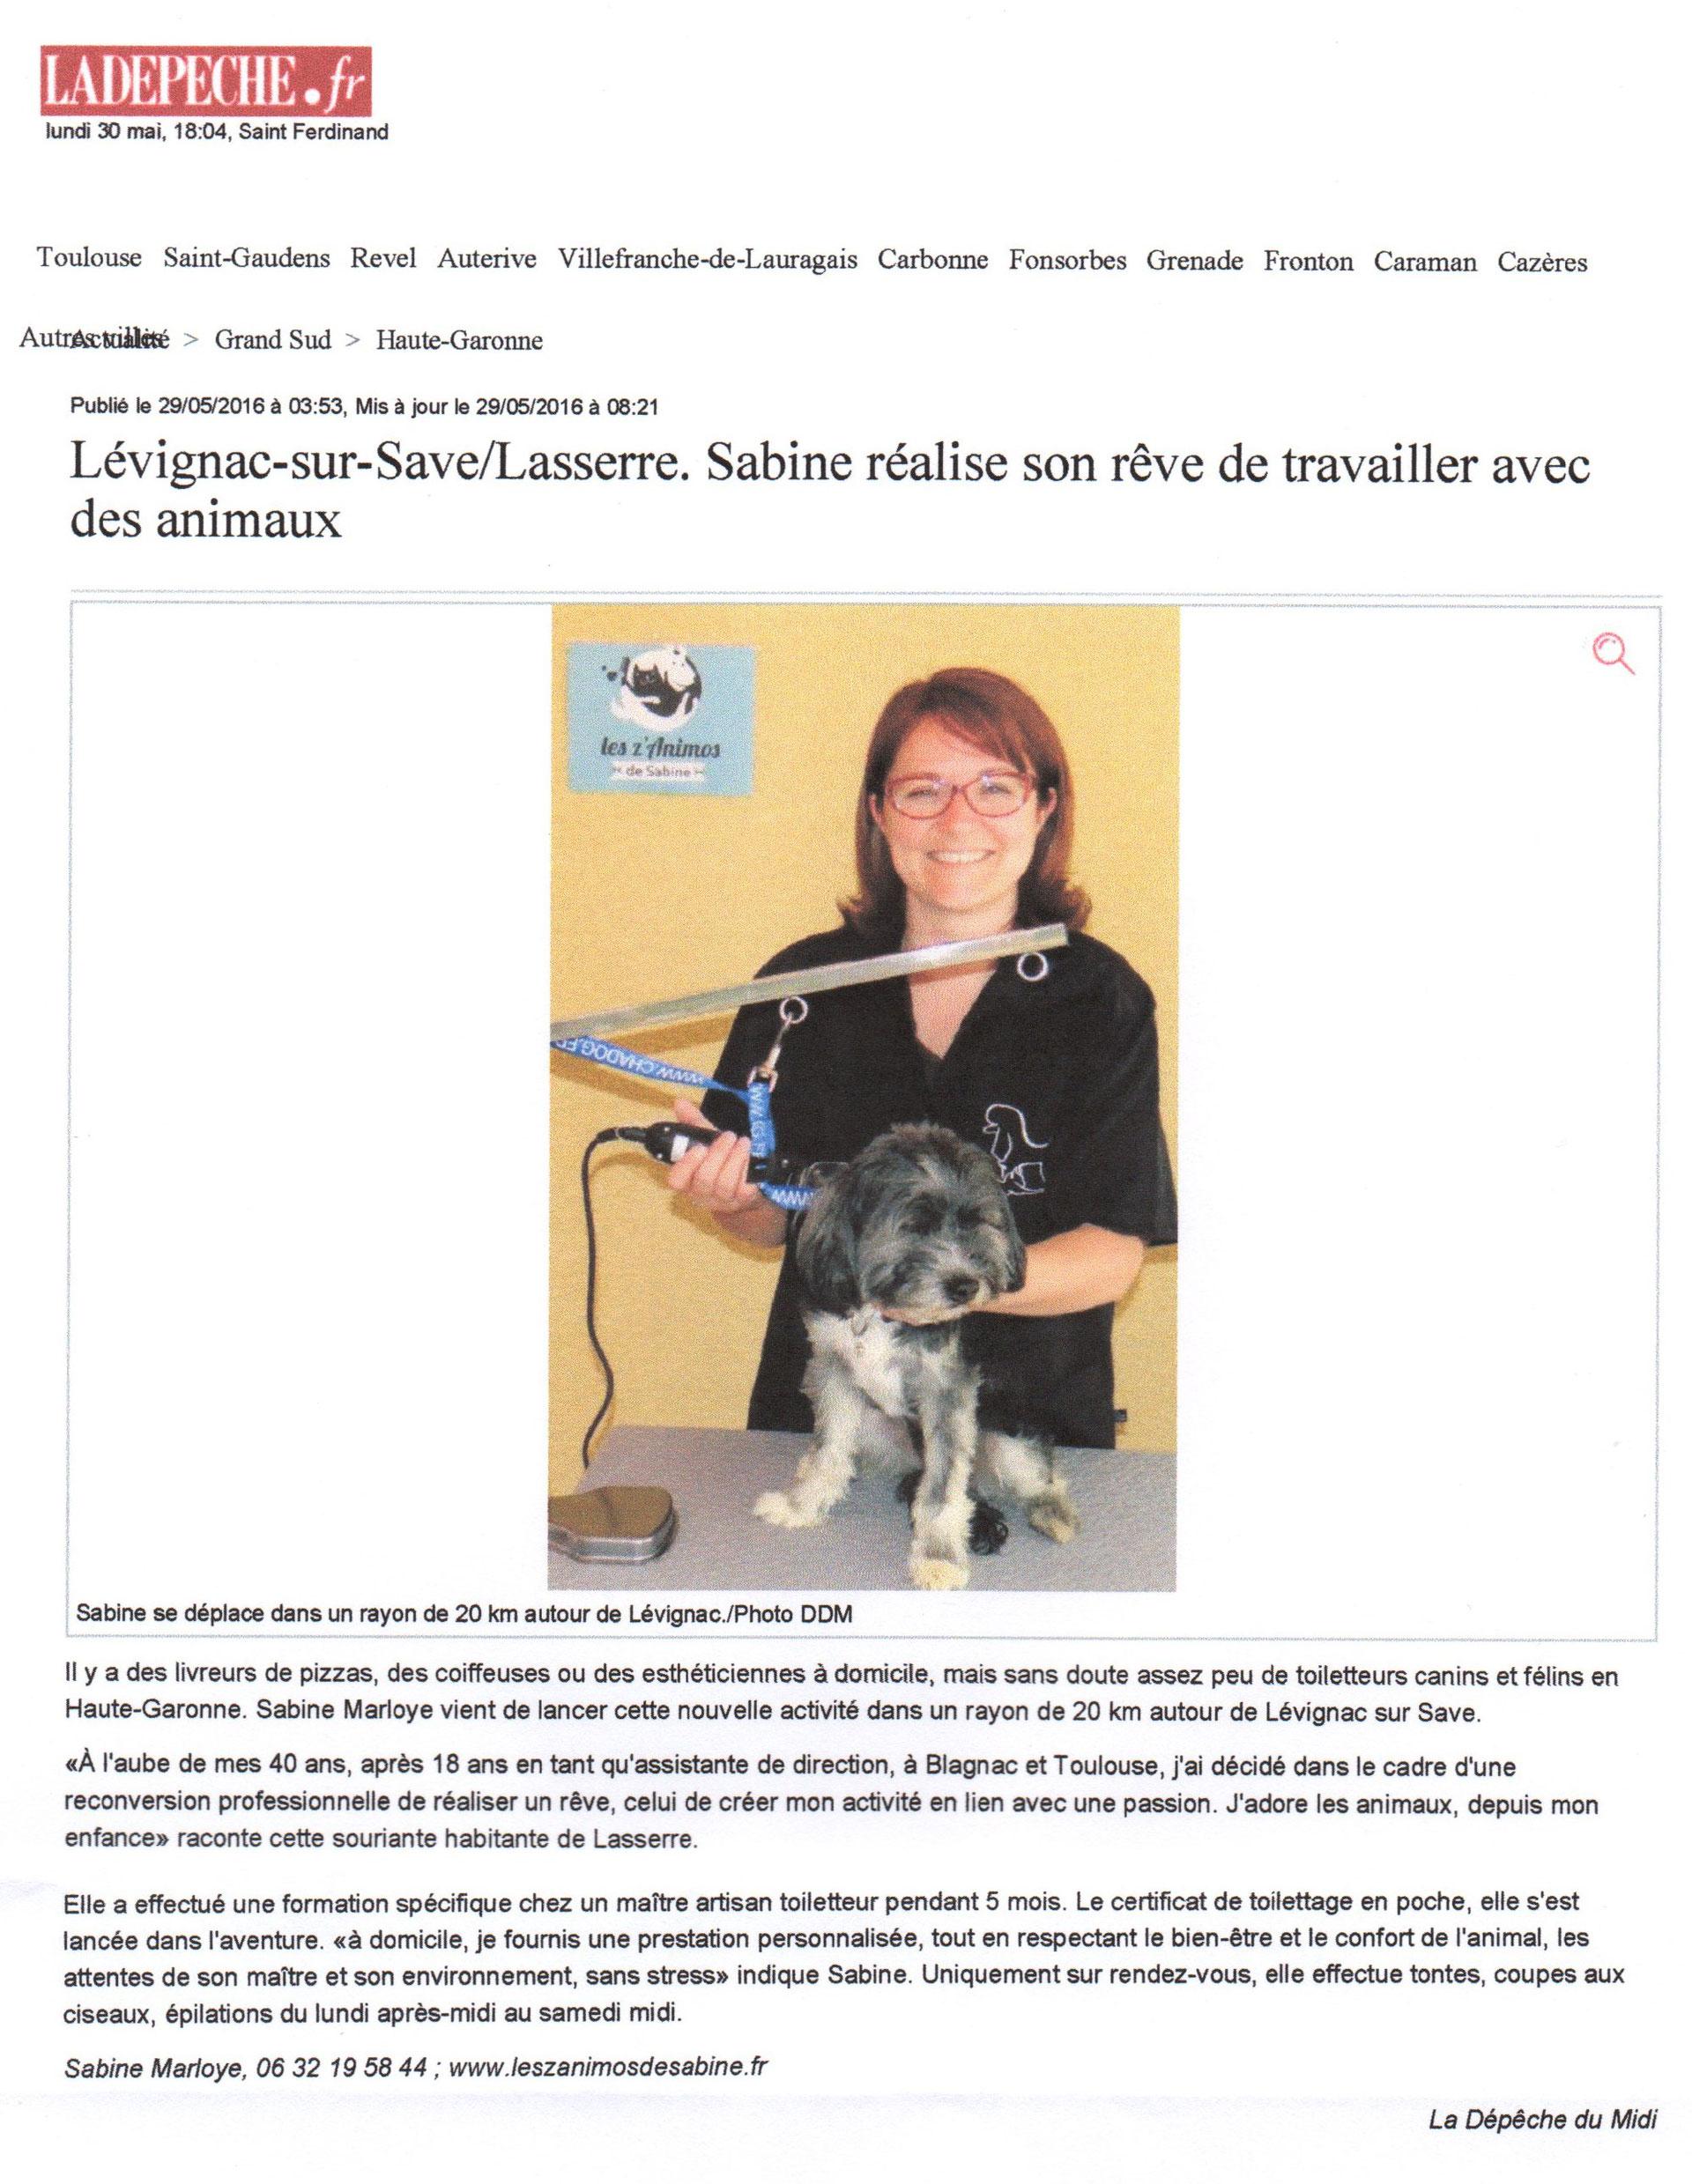 Articles de presse les z 39 animos de sabine for Espaces verts du languedoc